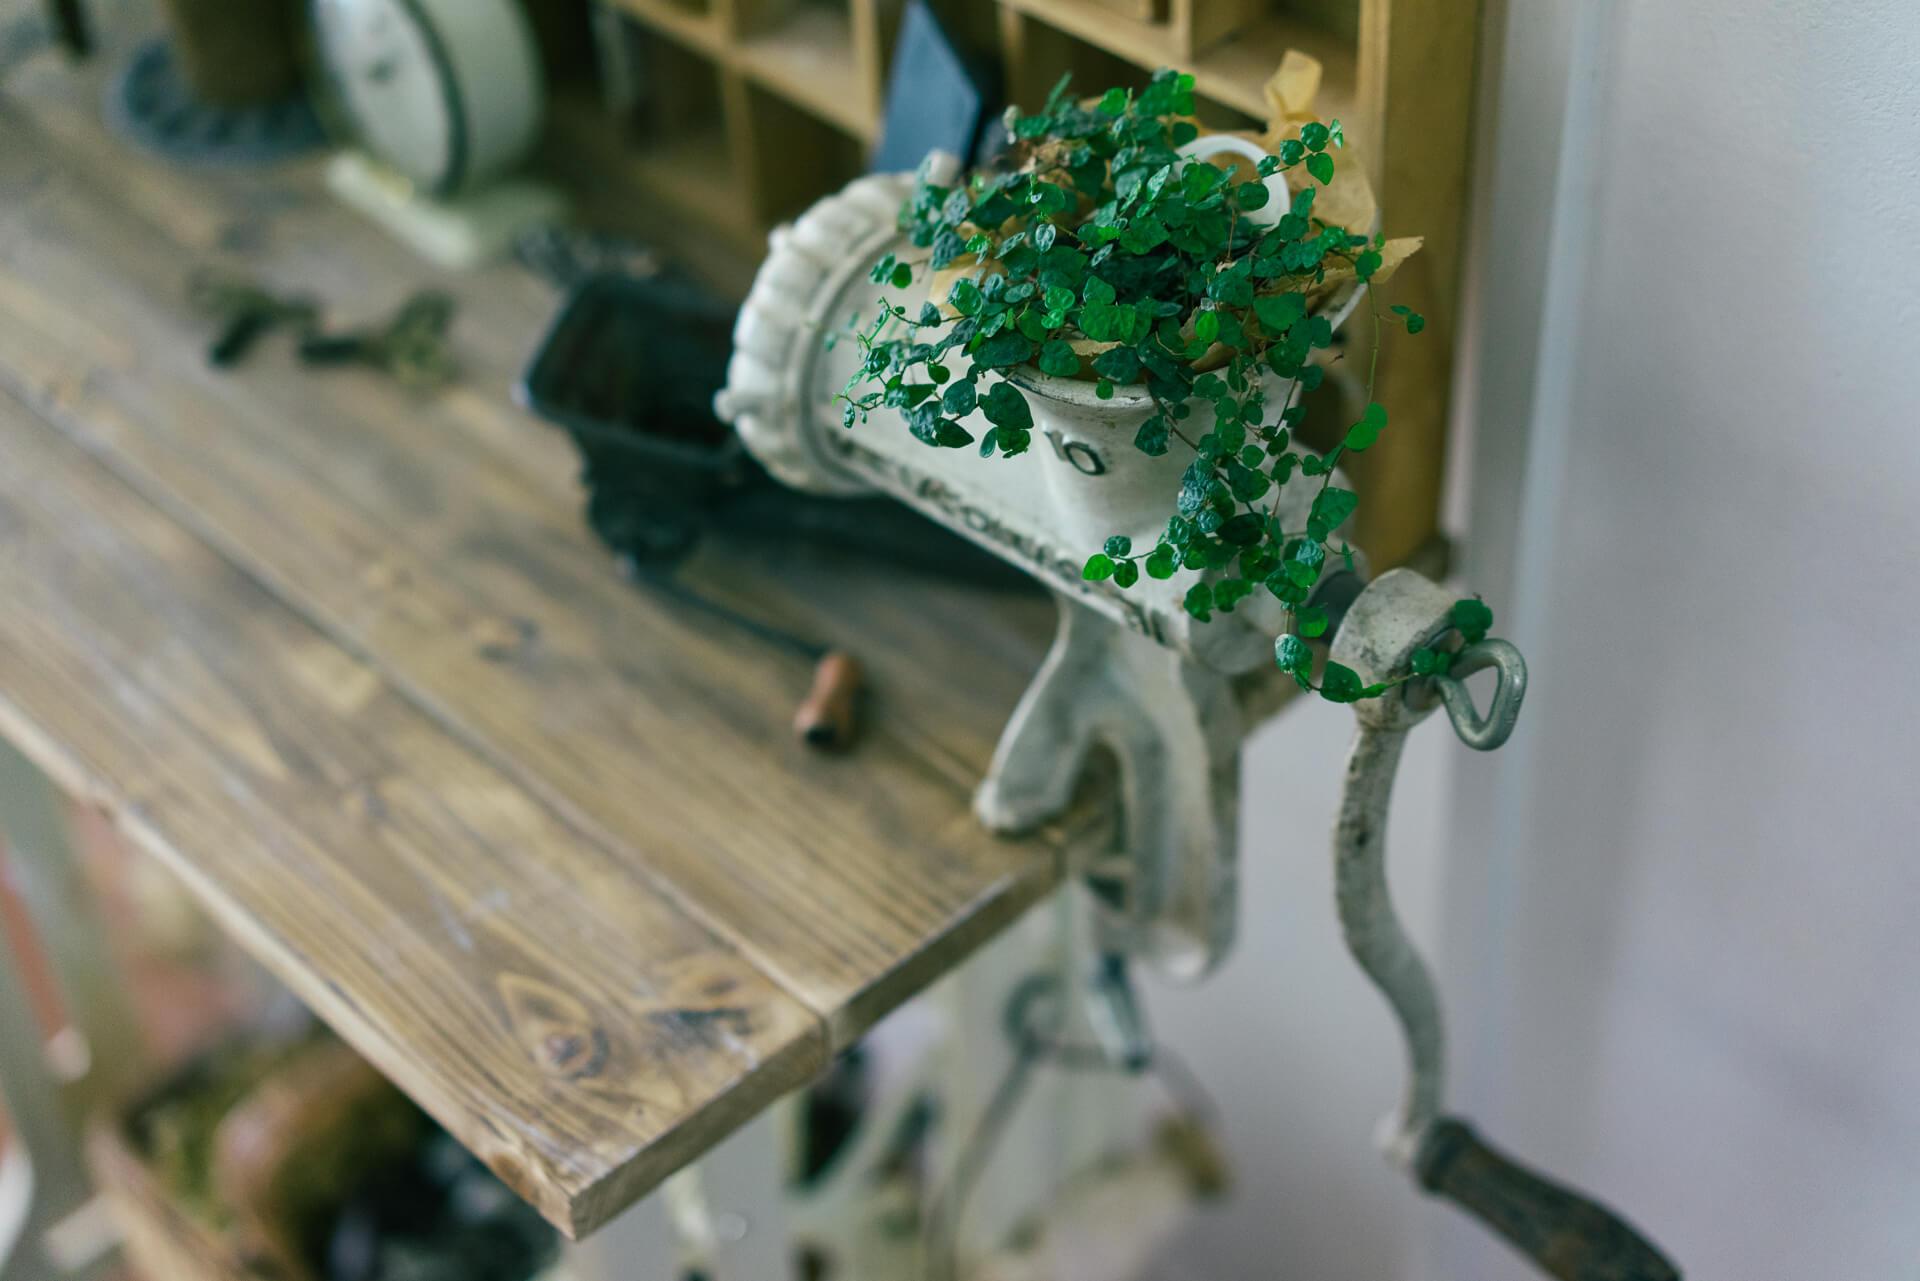 「やっと手に入れた」というお気に入りのミシン台にもグリーンをプラス。